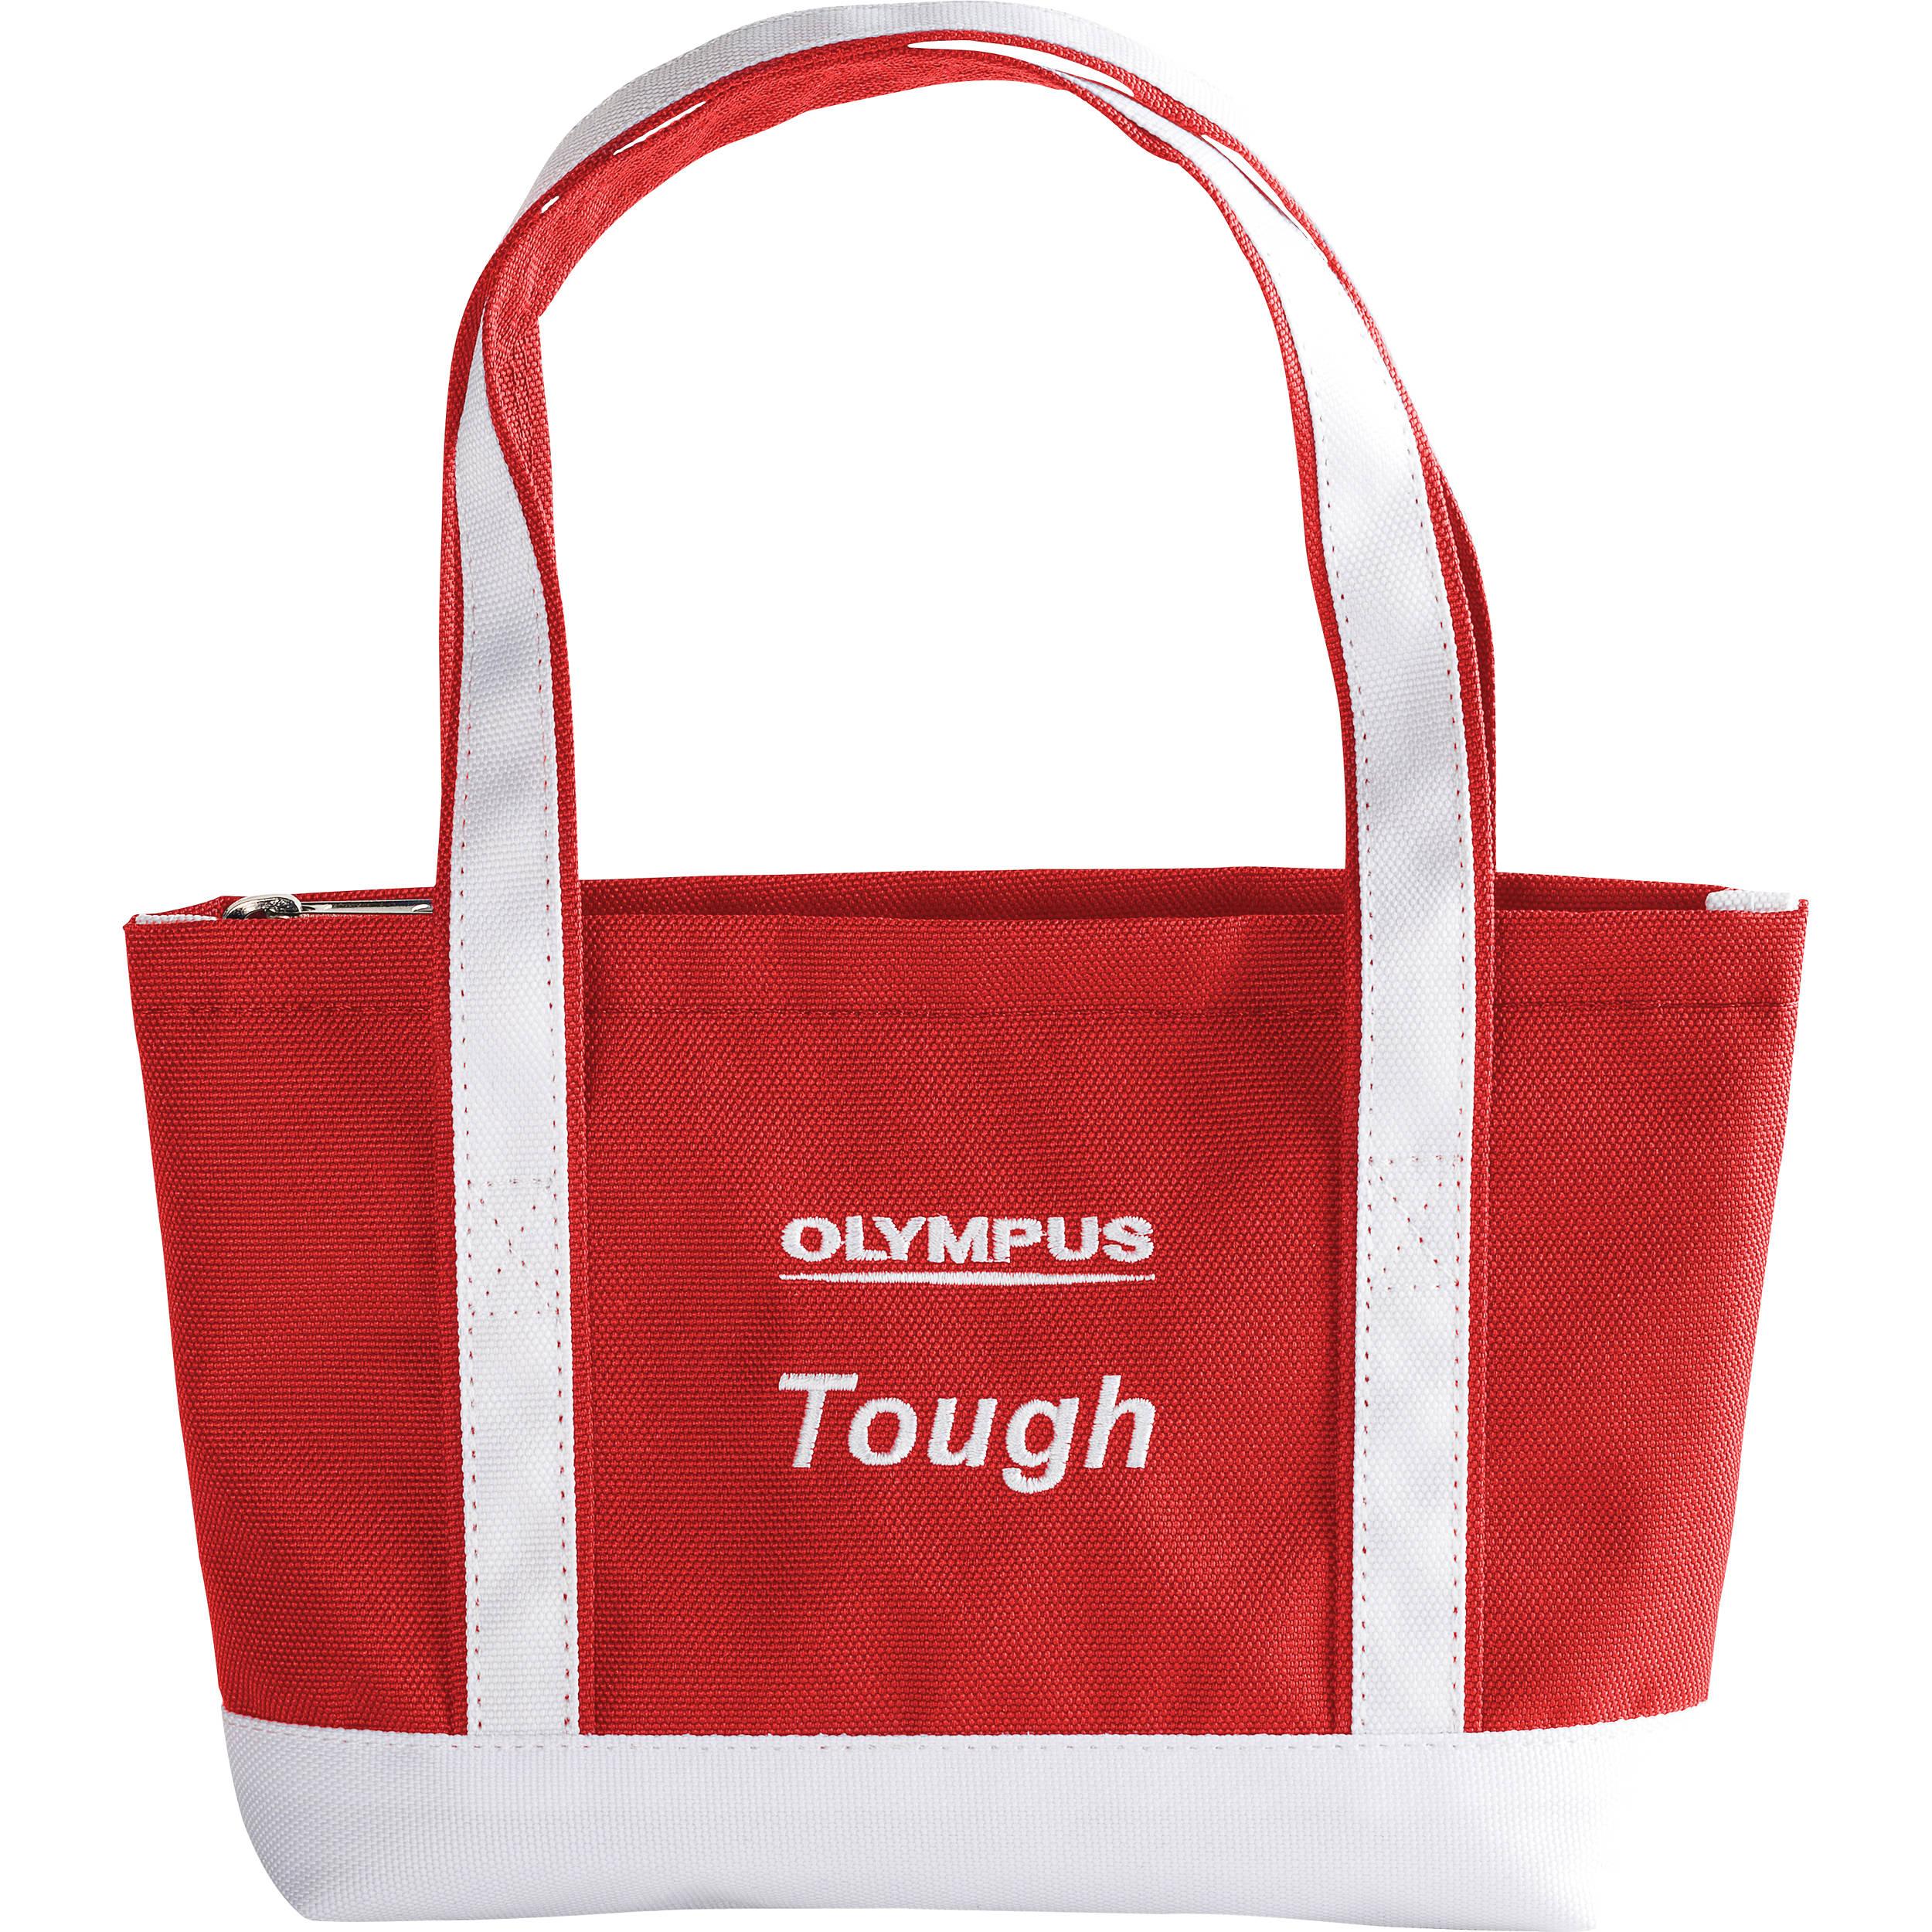 Olympus Tough Beach Bag (Red) 202576 B&H Photo Video